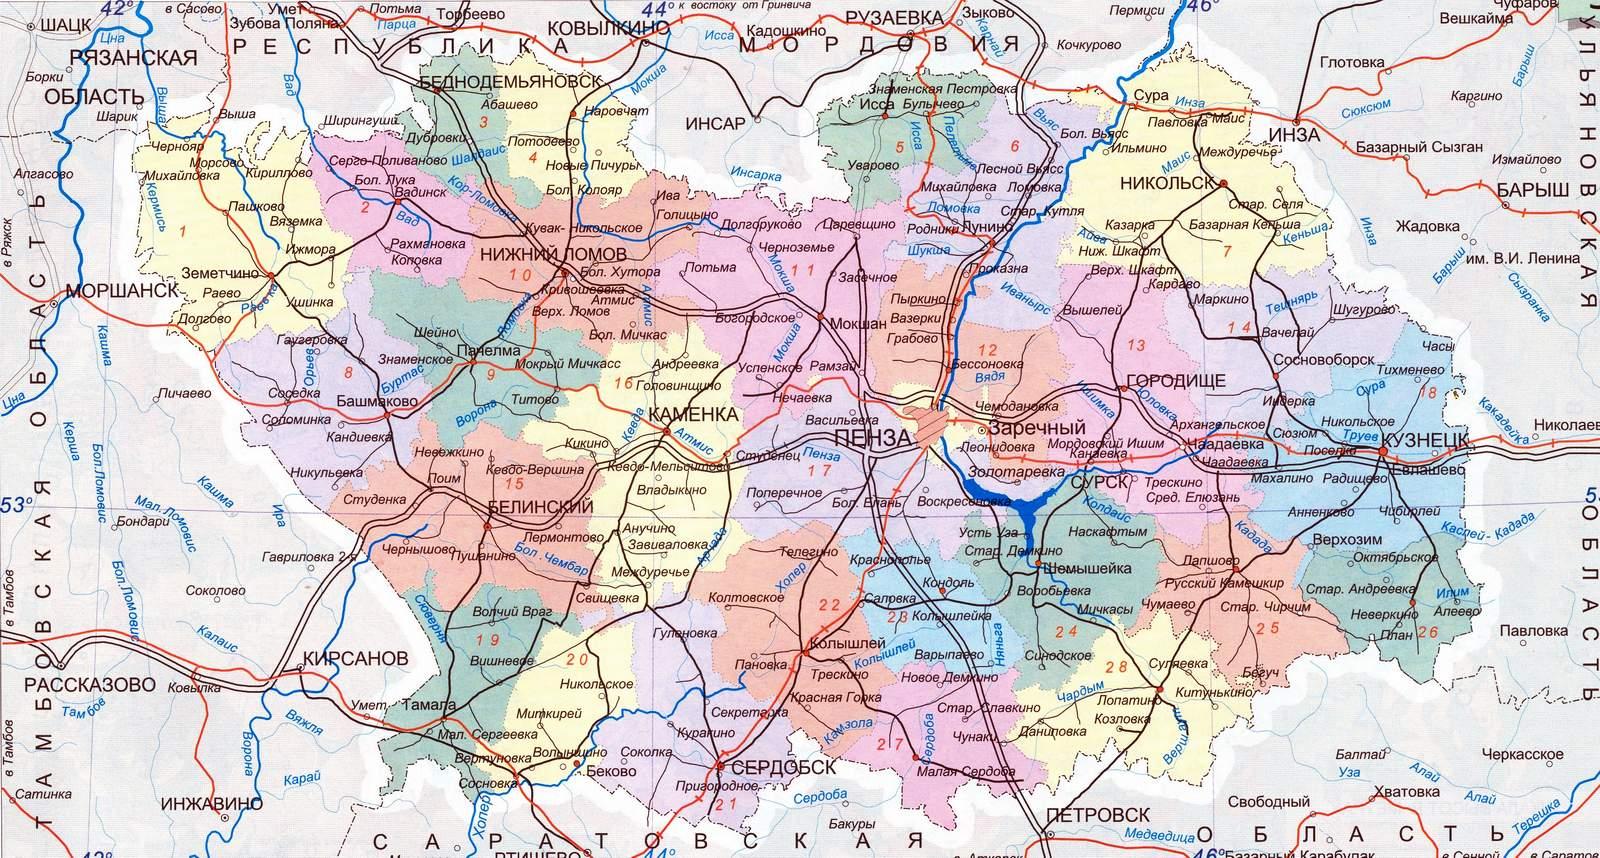 Аномальные зоны Пензенской области Сайт посвященный туризму и  Аномальные зоны Пензенской области